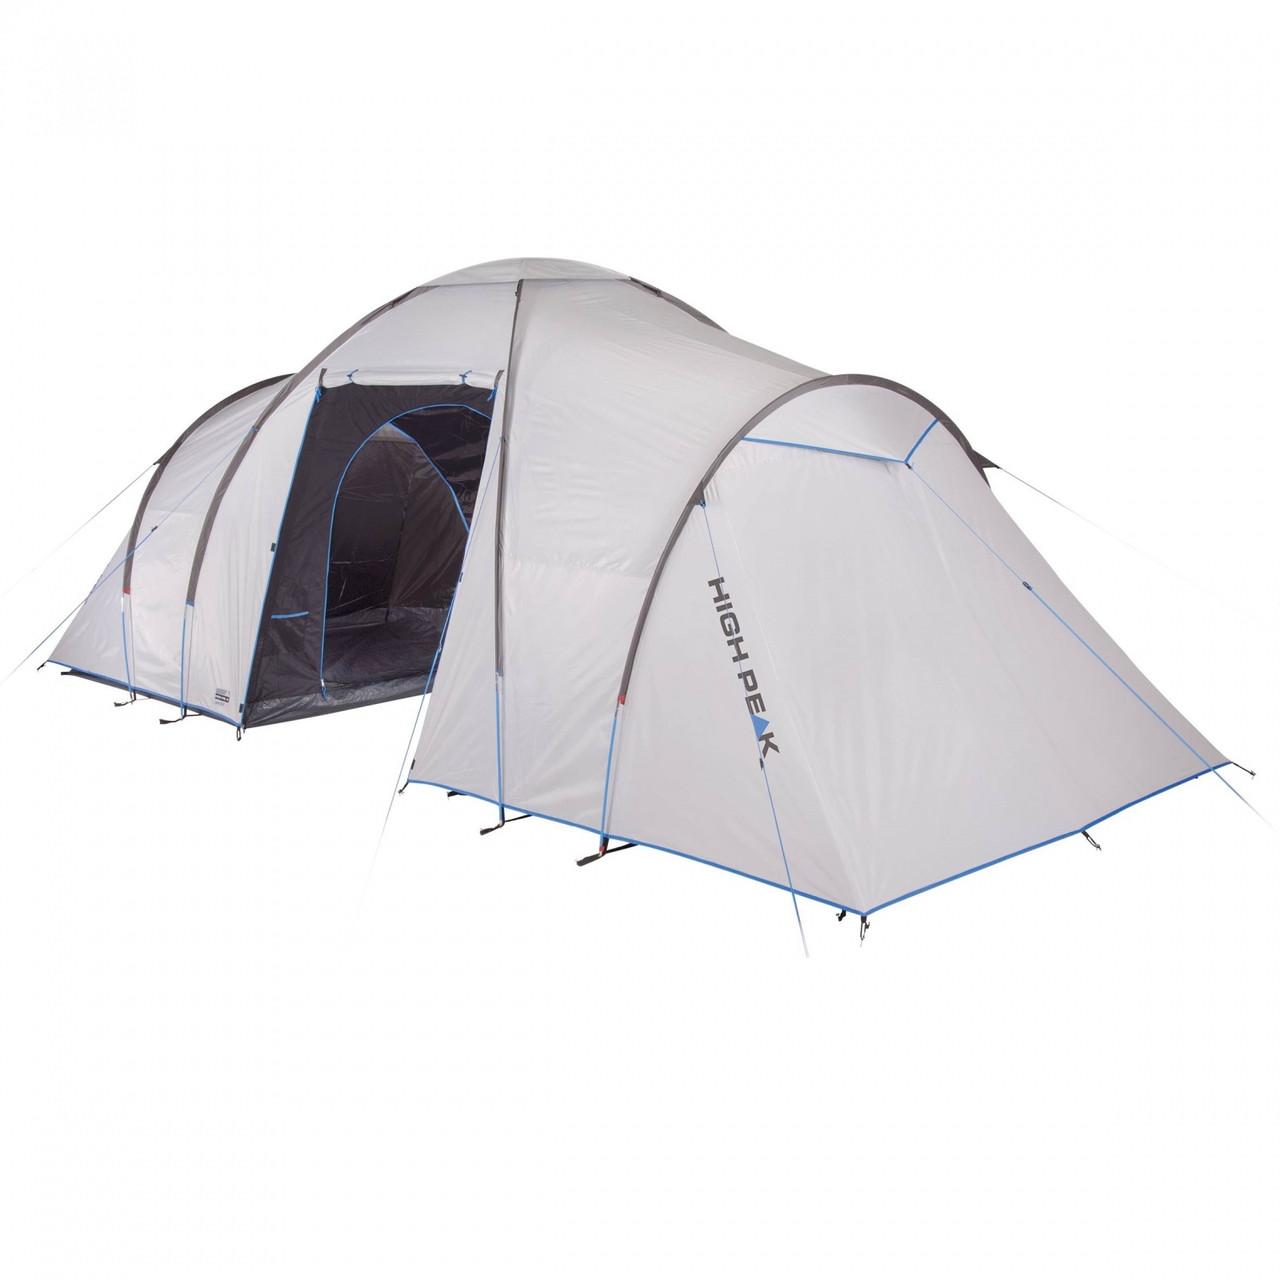 Семейная палатка для кемпинга 6 местная двухслойная с тамбуром в полный рост двухкомнатная High Peak Como 6